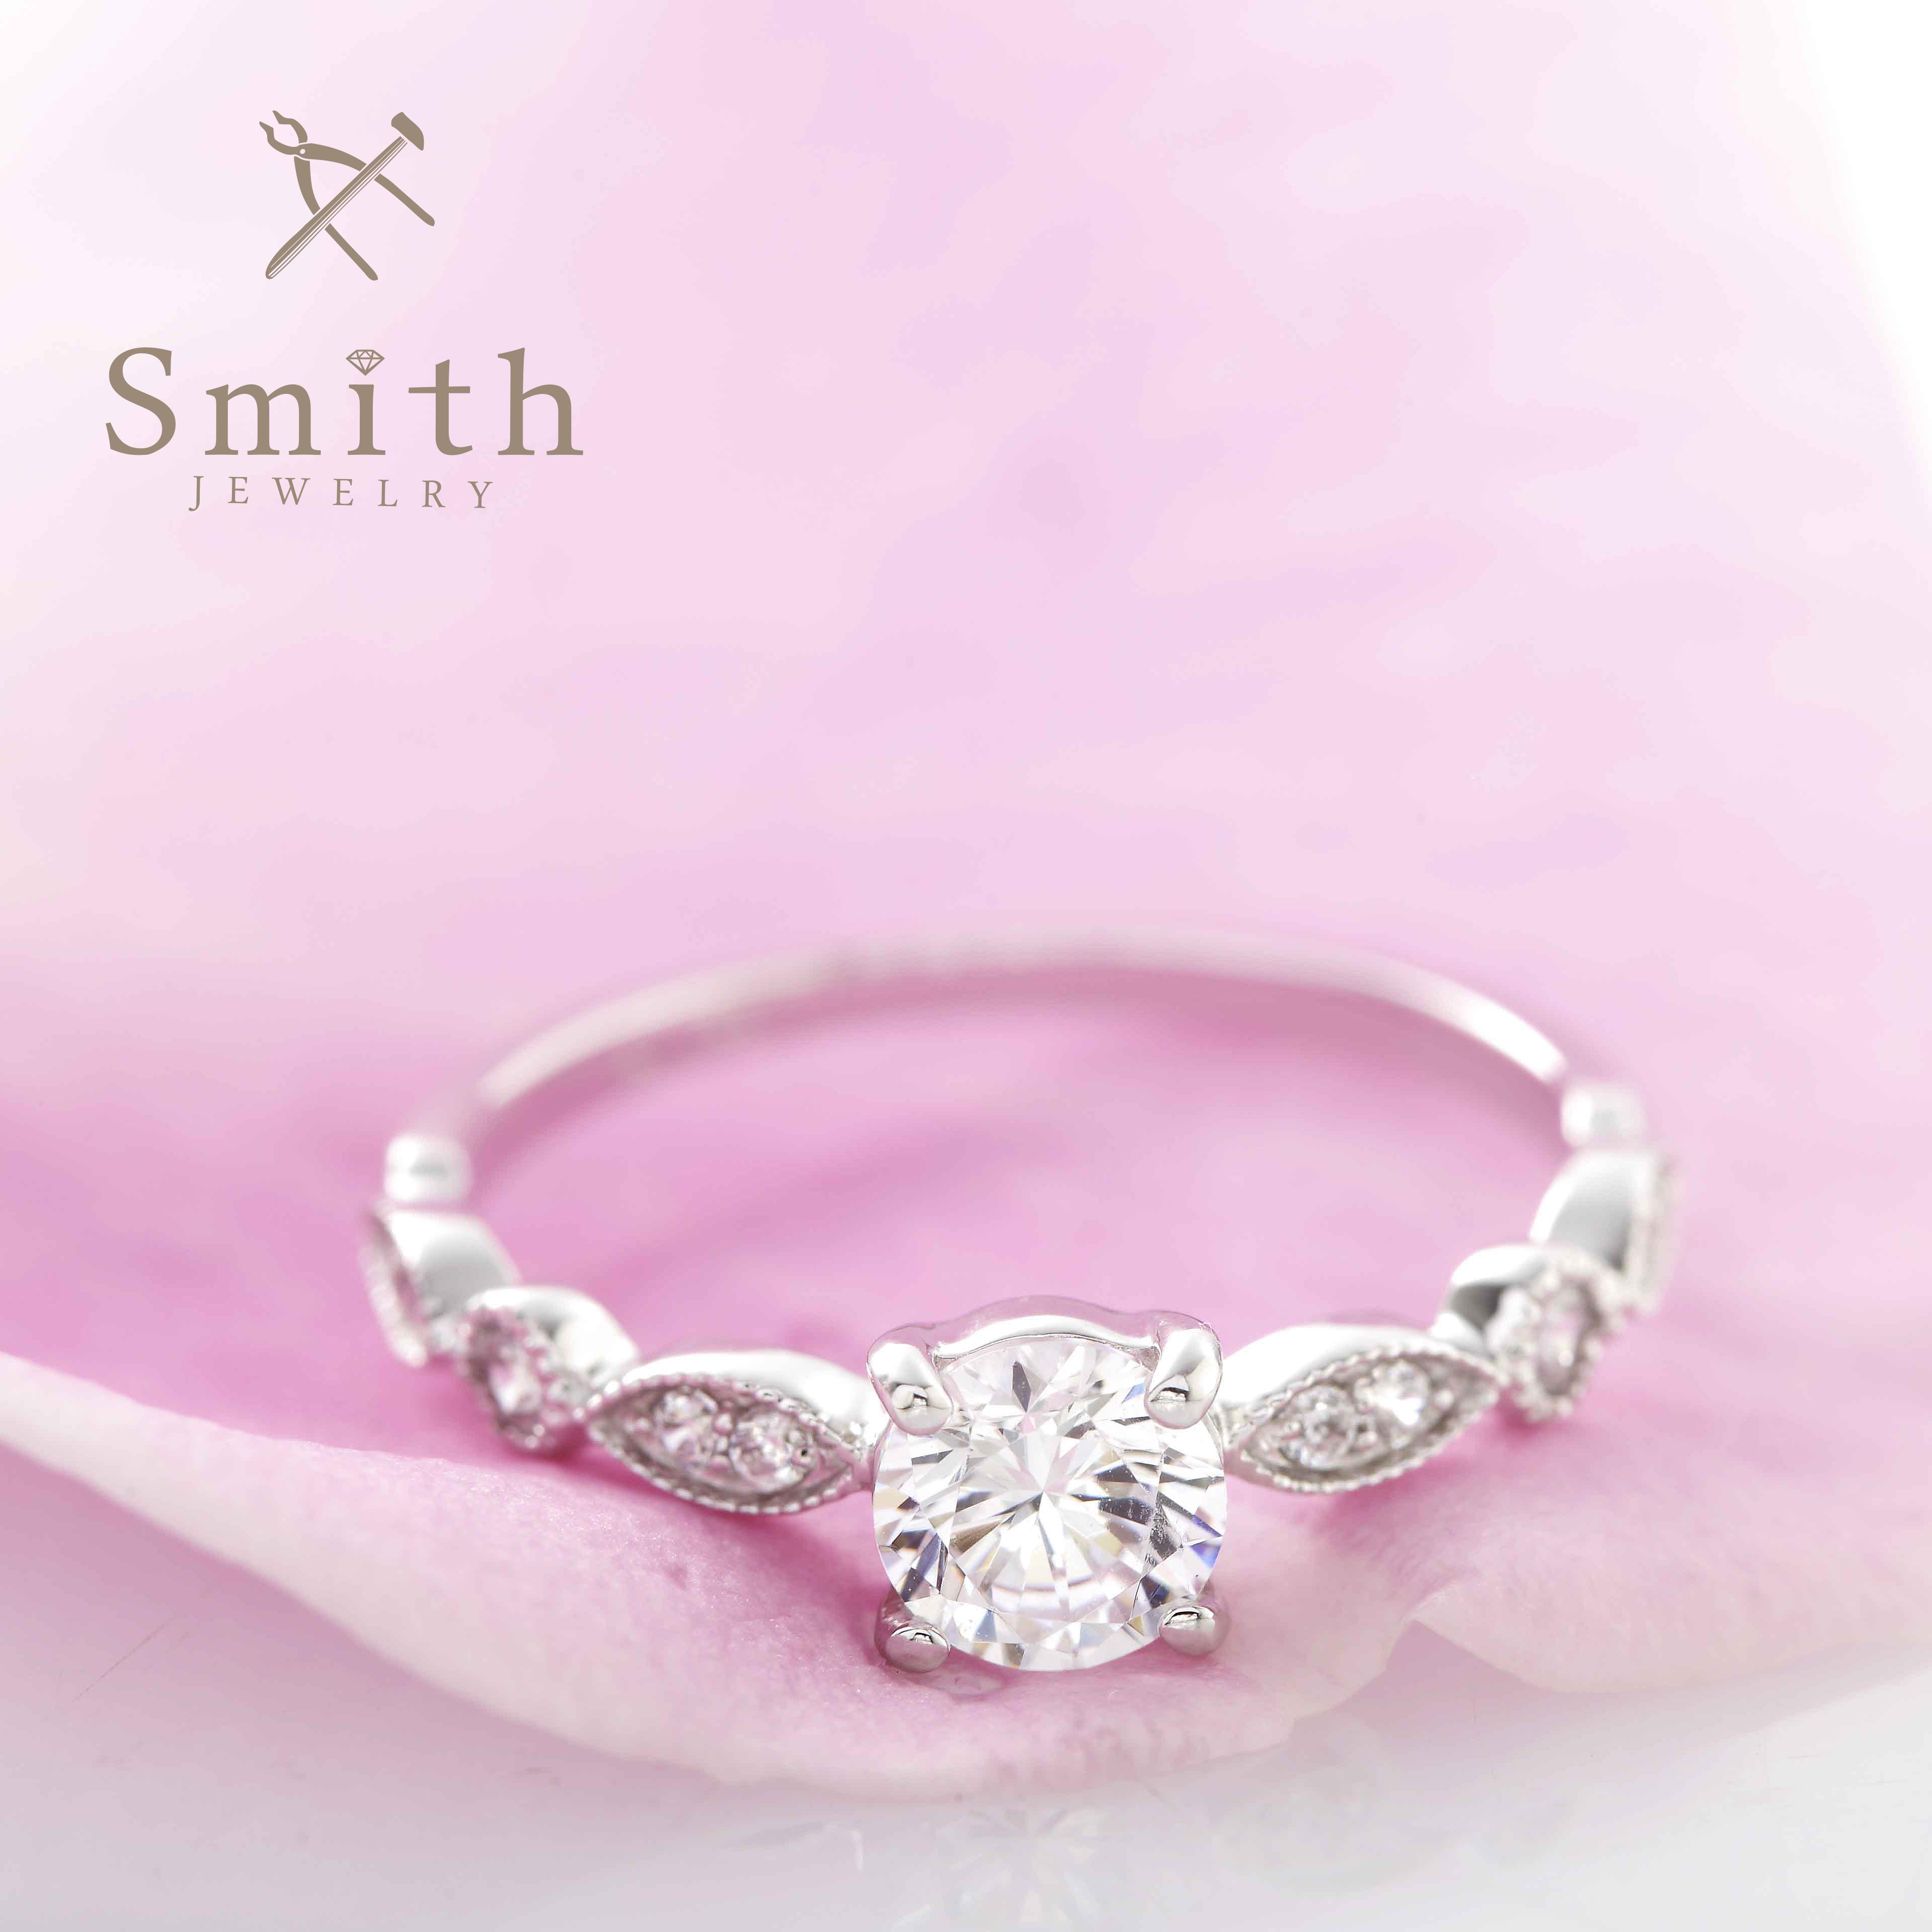 【Smith】オーダーメイド婚約指輪 大人っぽいのにかわいい、繊細な表情